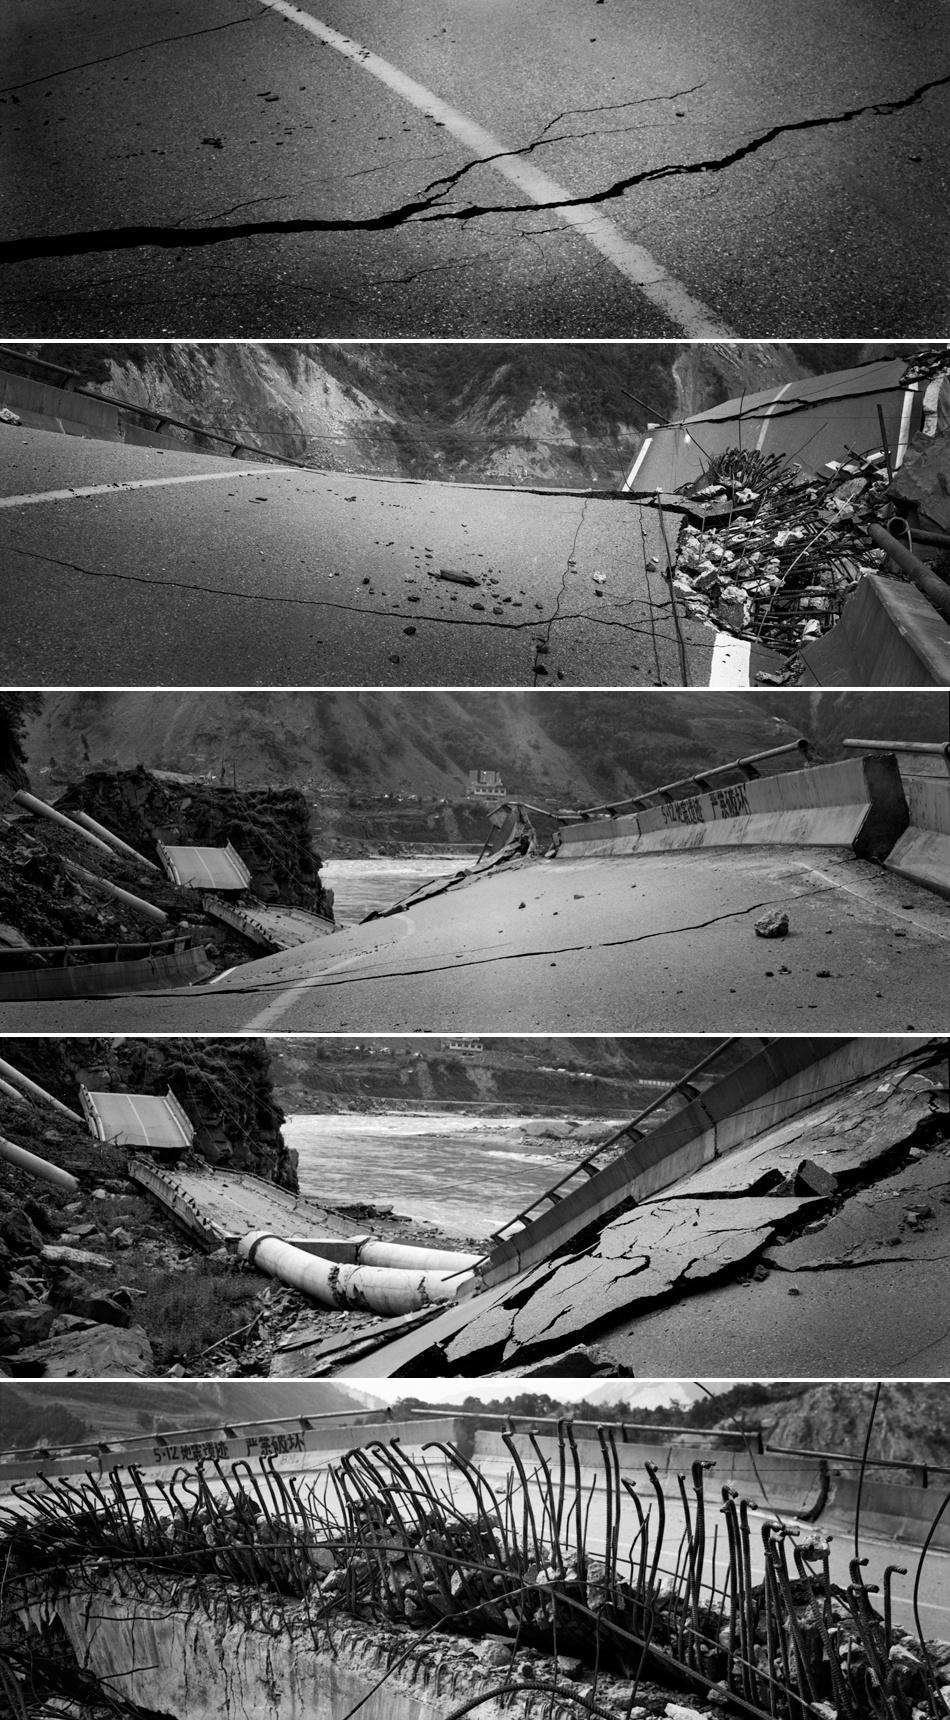 2008年8月18/19日,通往北川的路上。